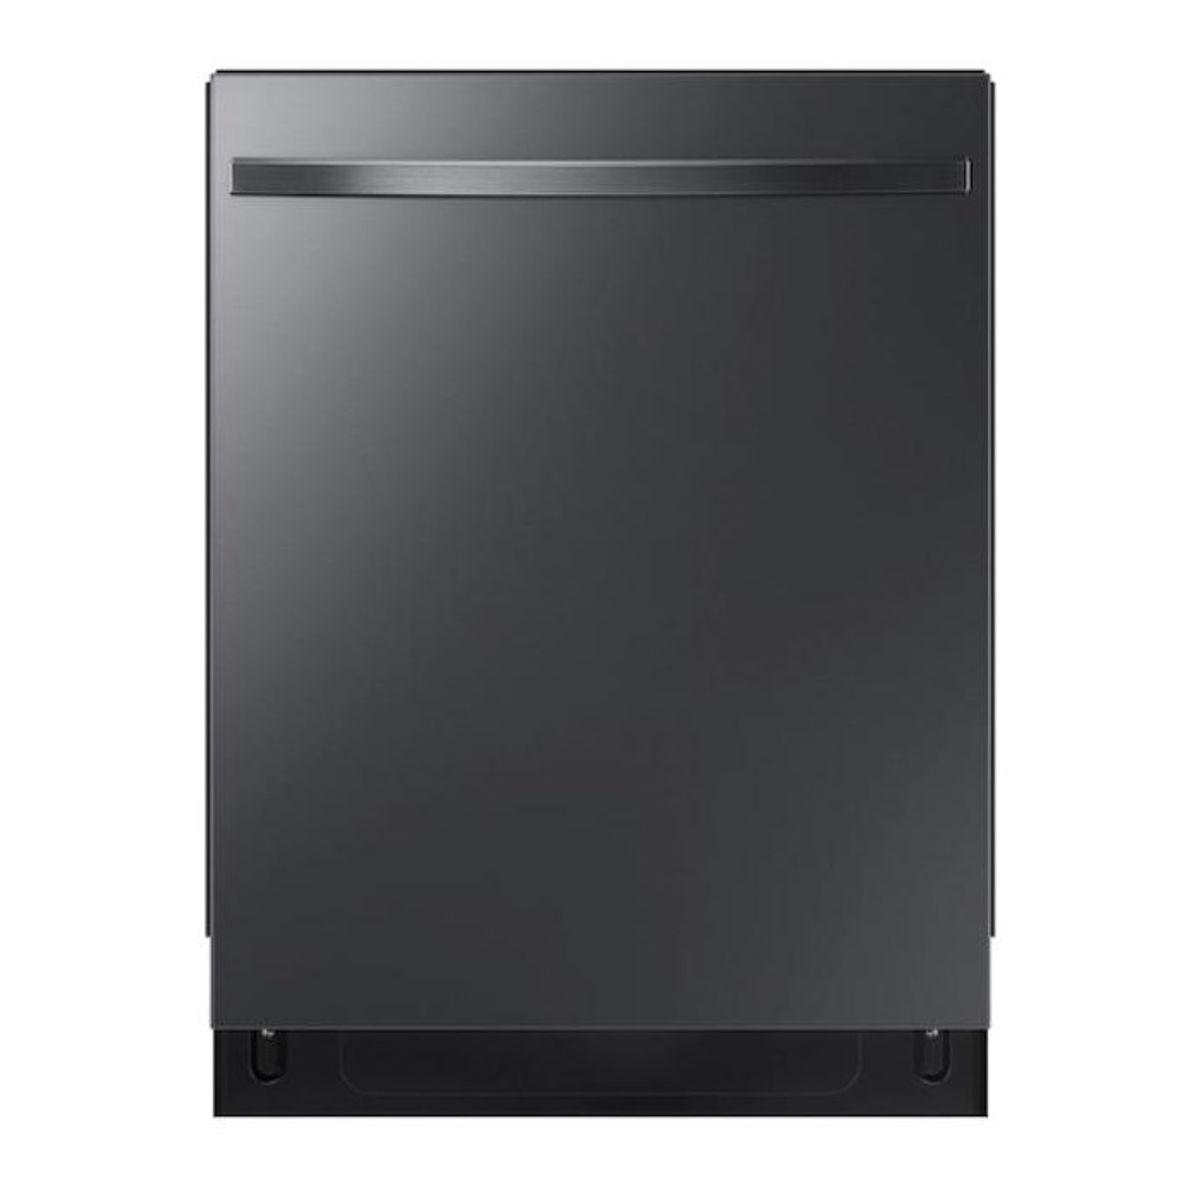 சேம்சங் DW80R5061US/AA Dishwasher